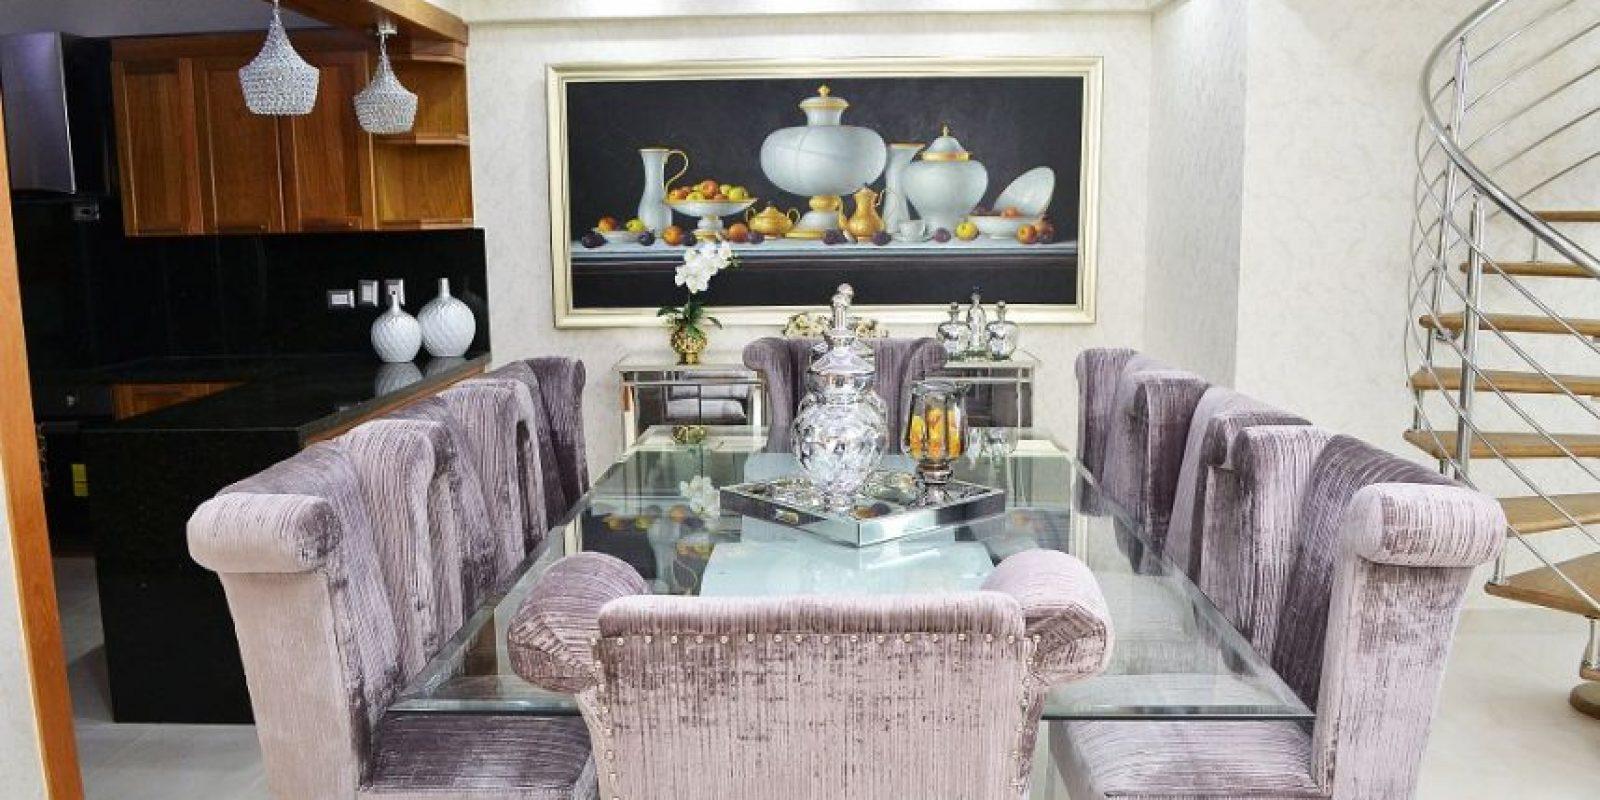 Área de comedor: caracterizada por el violeta como color base y elementos lineales que van a juego con la sala principal. Destaca la obra gráfica de Hungría Sánchez Foto:Mario de Peña